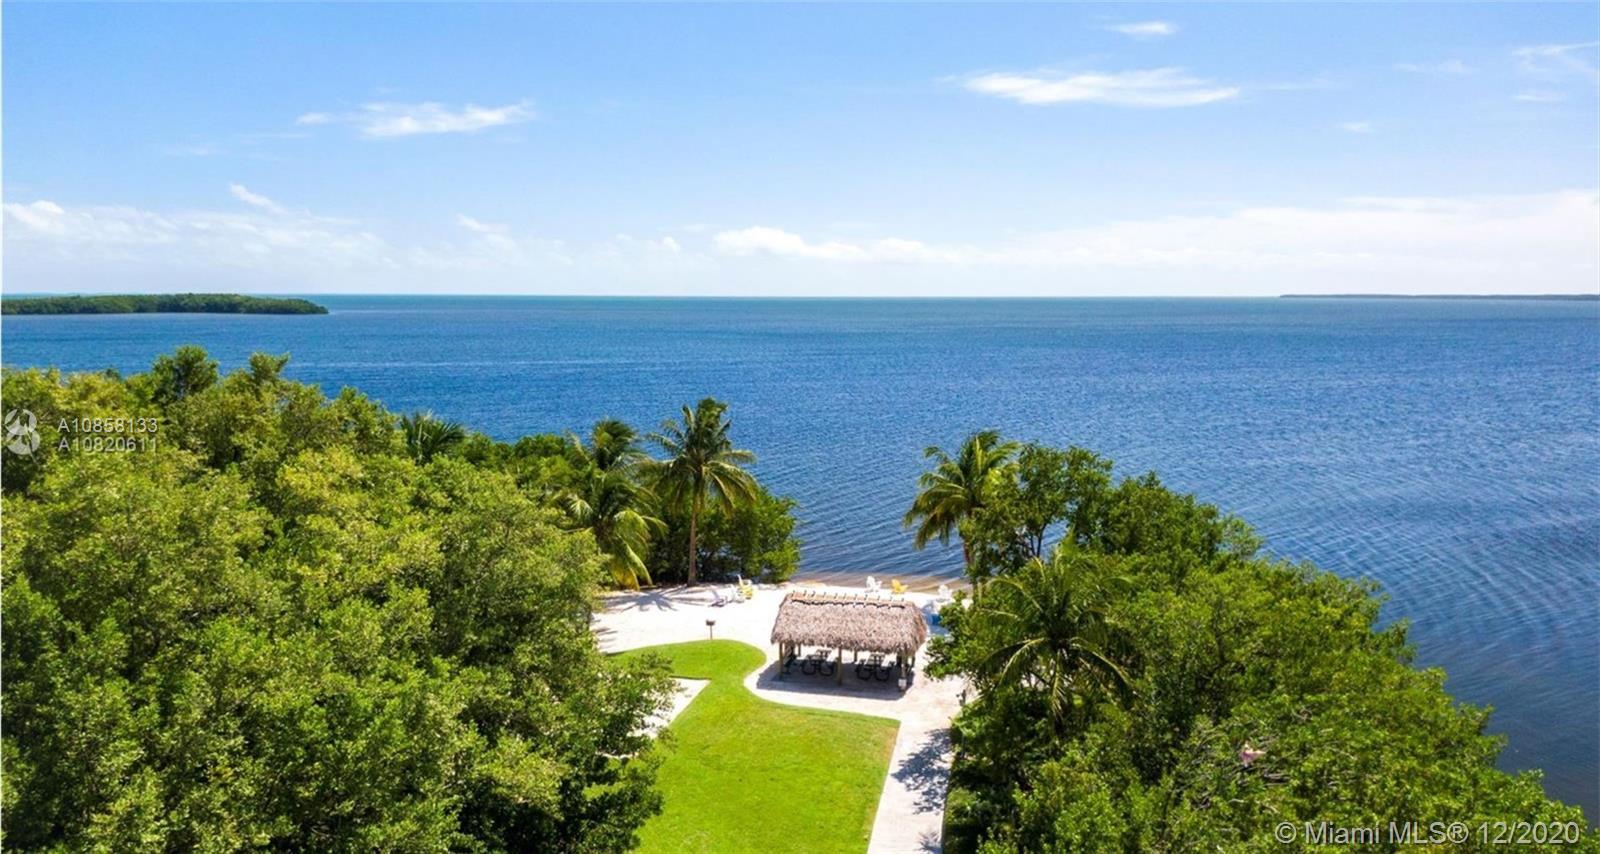 6020  Paradise Point Dr  For Sale A10858133, FL